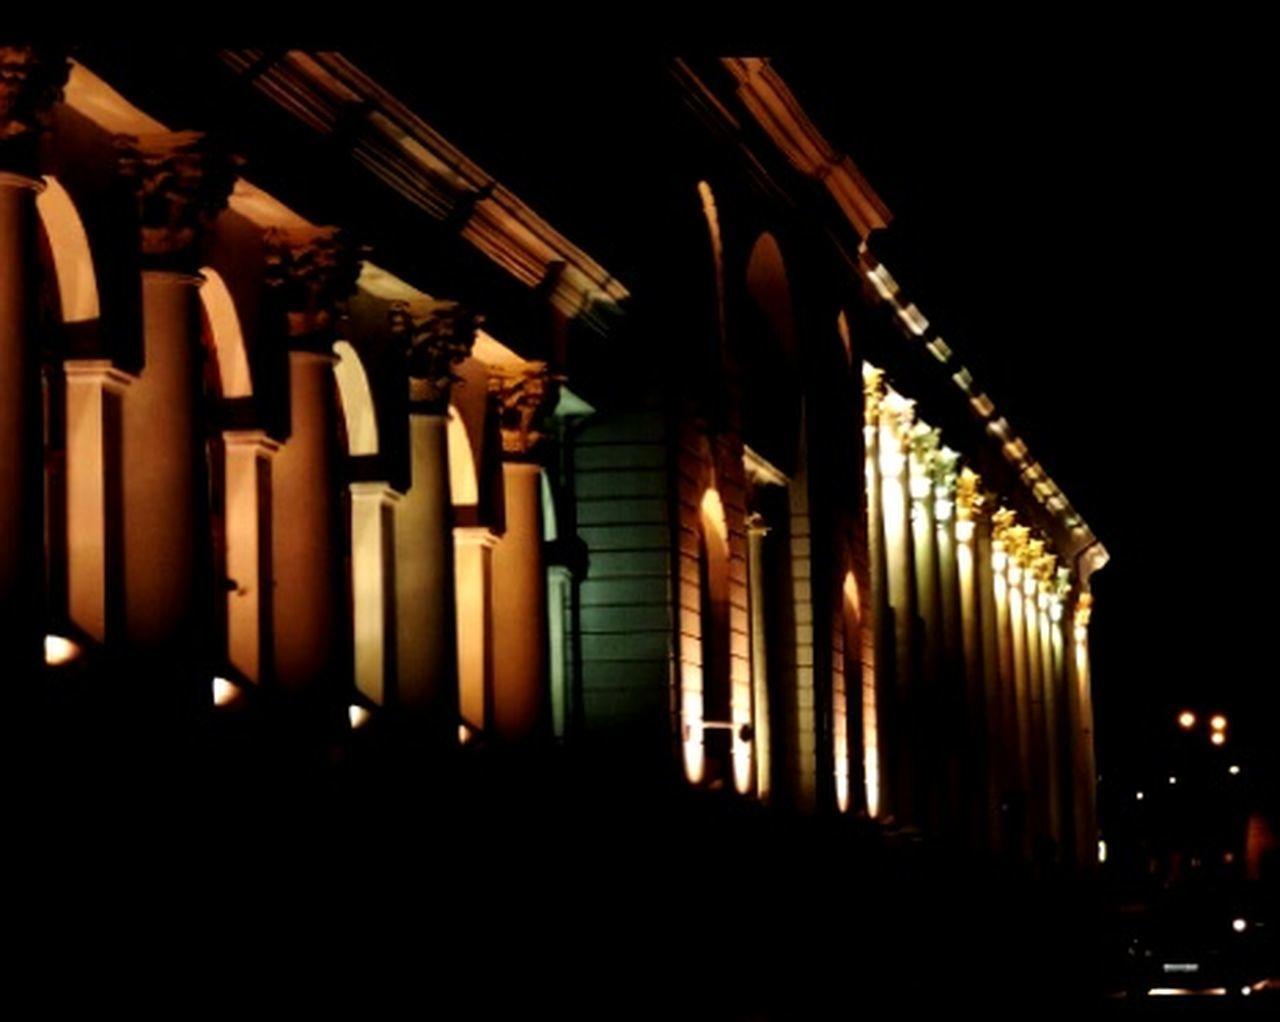 Business москвагостиныйдвор москва Москва Россия City Architecture Night Illuminated No People Cityscape Neighborhood Map